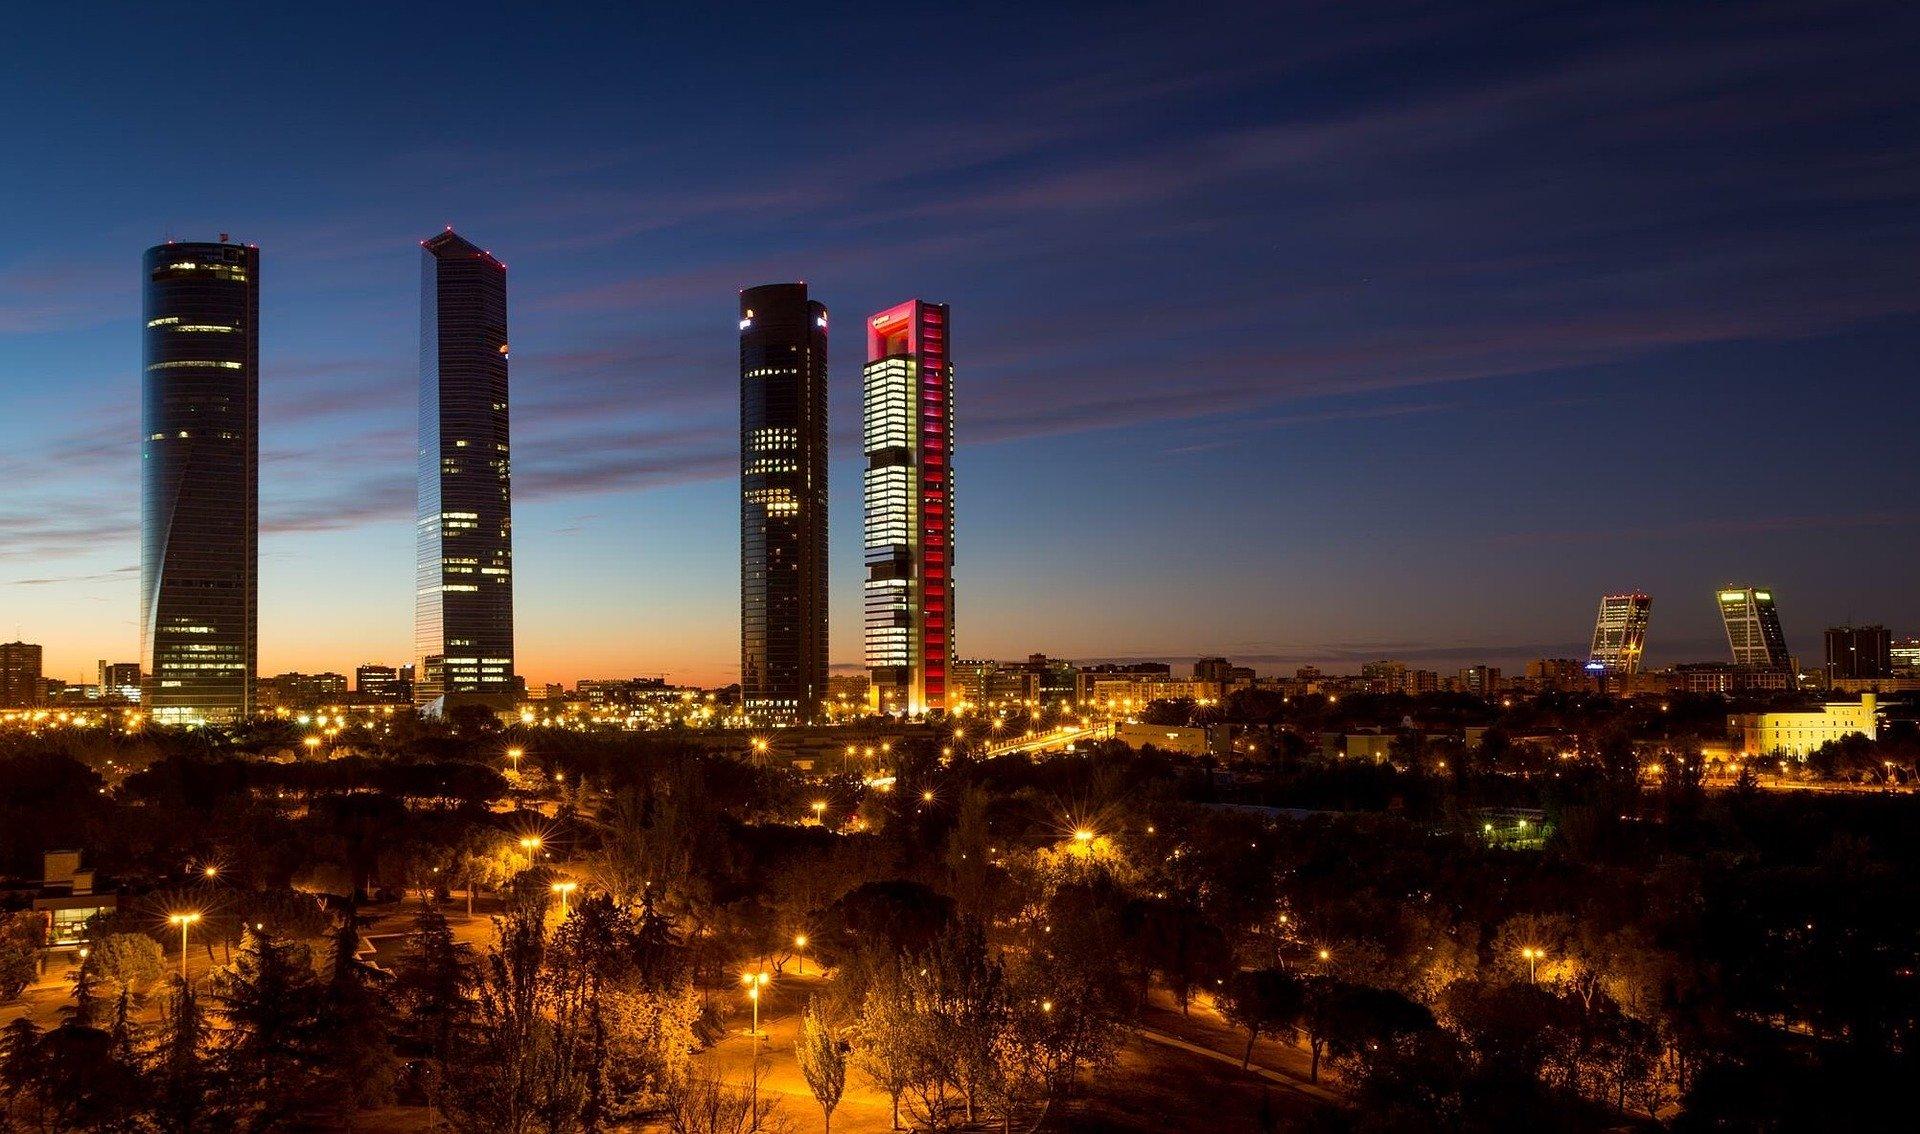 Estudiar un máster en España es el sueño de muchos